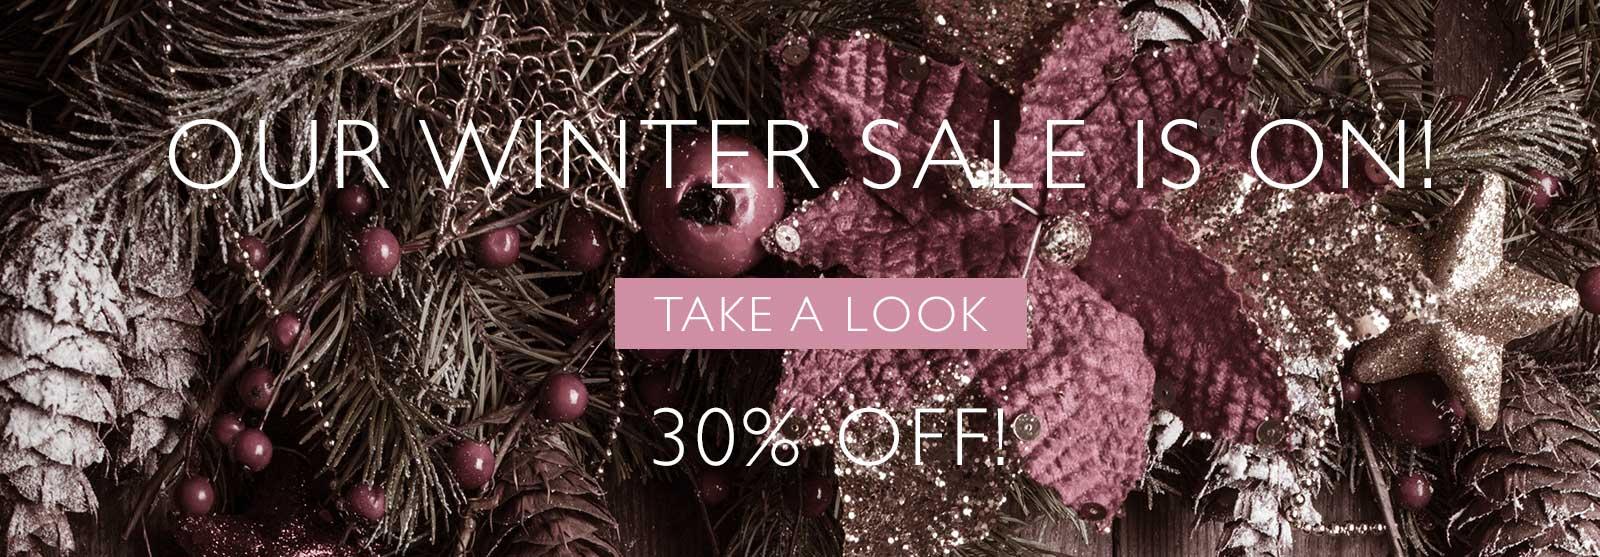 julia rose winter sale 30% off